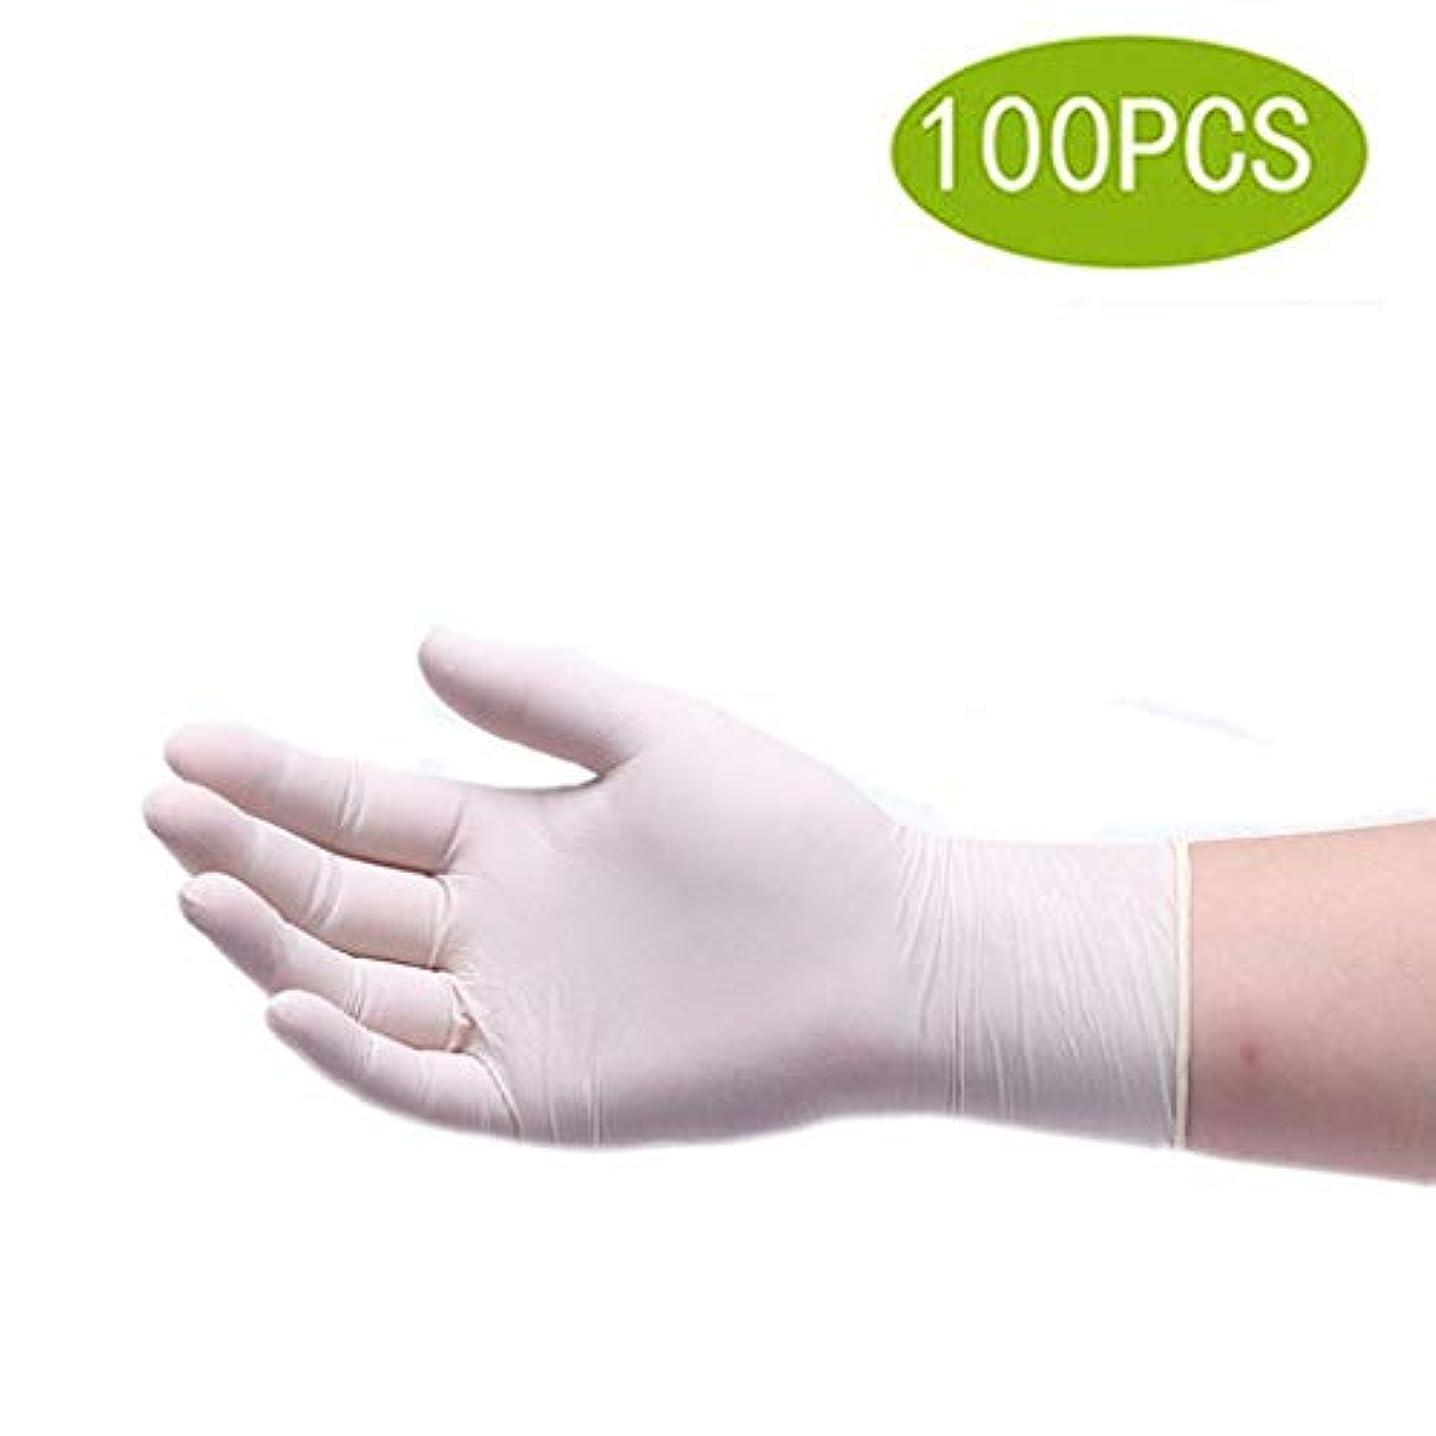 ソーダ水カルシウムバドミントン食品取扱のための使い捨て手袋、作業ニトリル手袋、ラテックスフリー手袋、使い捨て手袋、パウダーフリーの、滅菌済みでない使い捨て安全手袋、ミディアム(100個入り) (Color : White, Size : S)